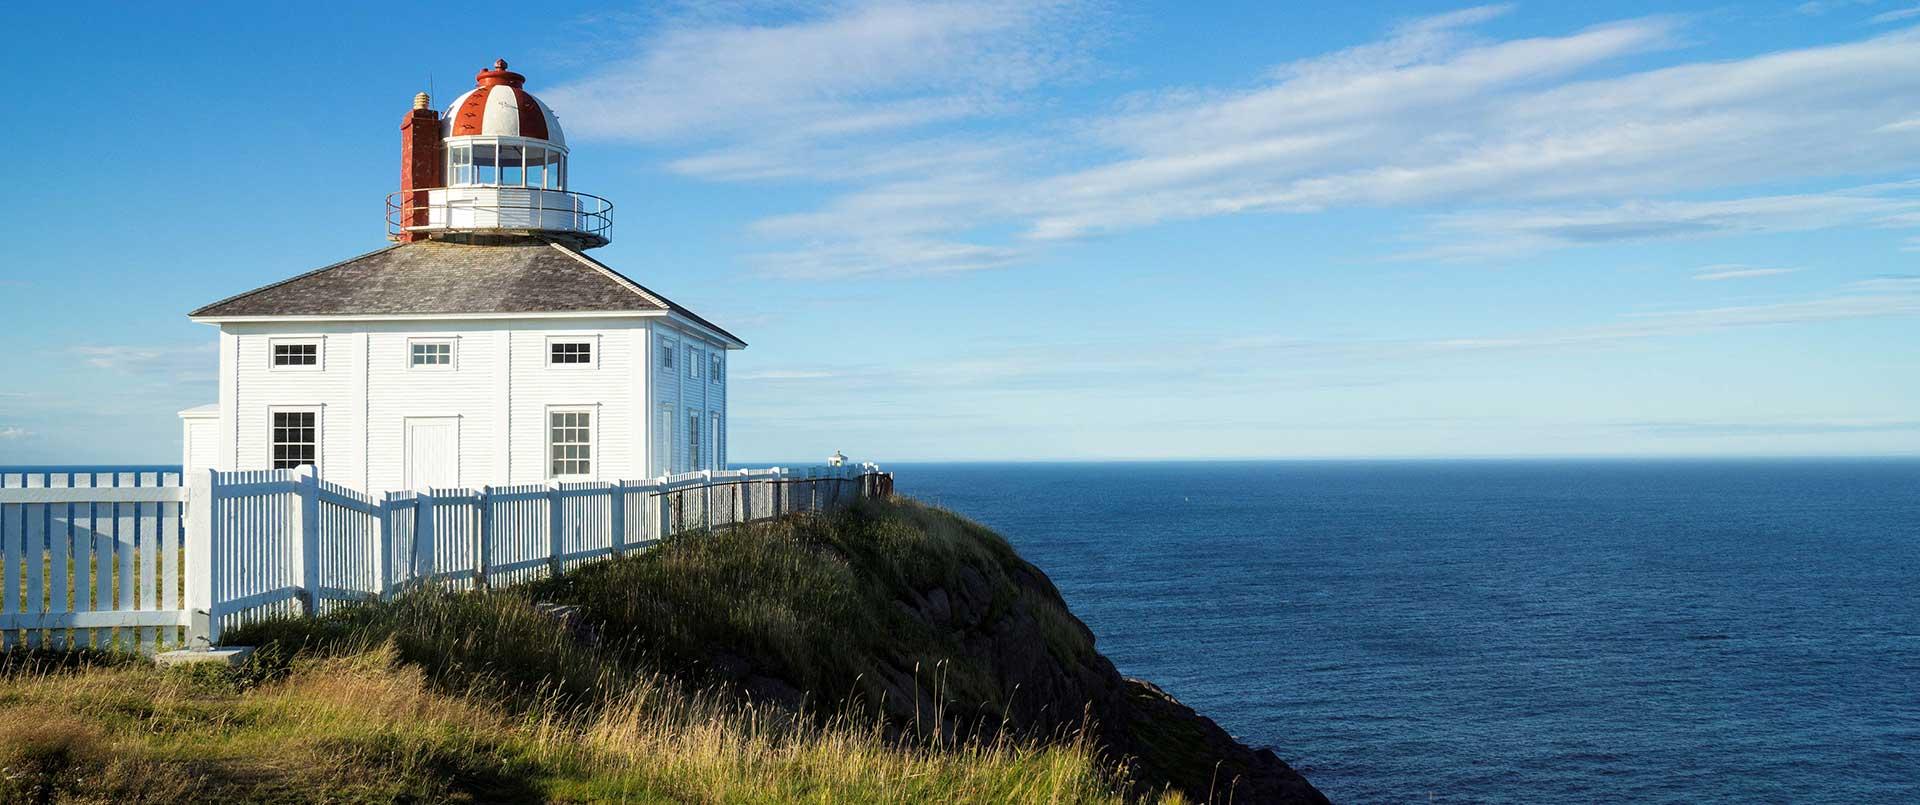 Simply Newfoundland